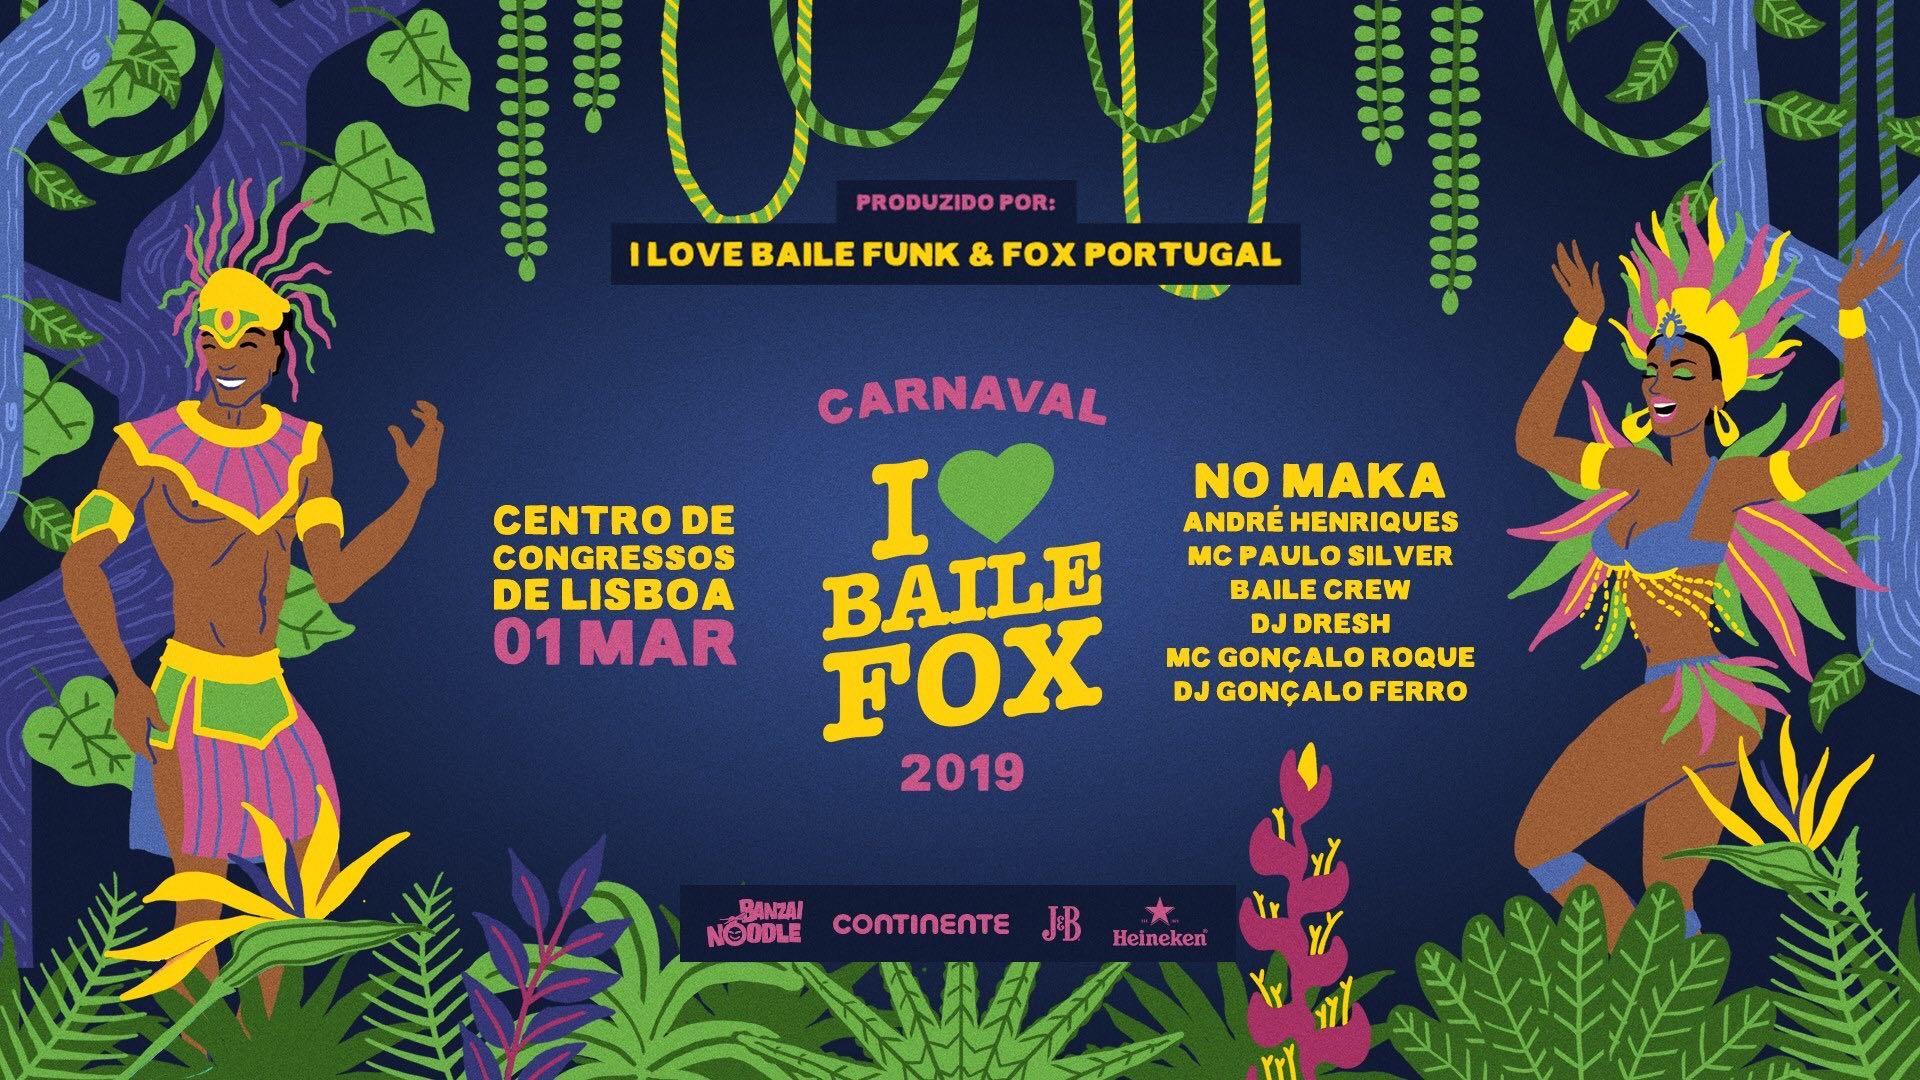 O Carnaval mais funkeiro de Lisboa vai acontecer no Centro de Congressos da FIL